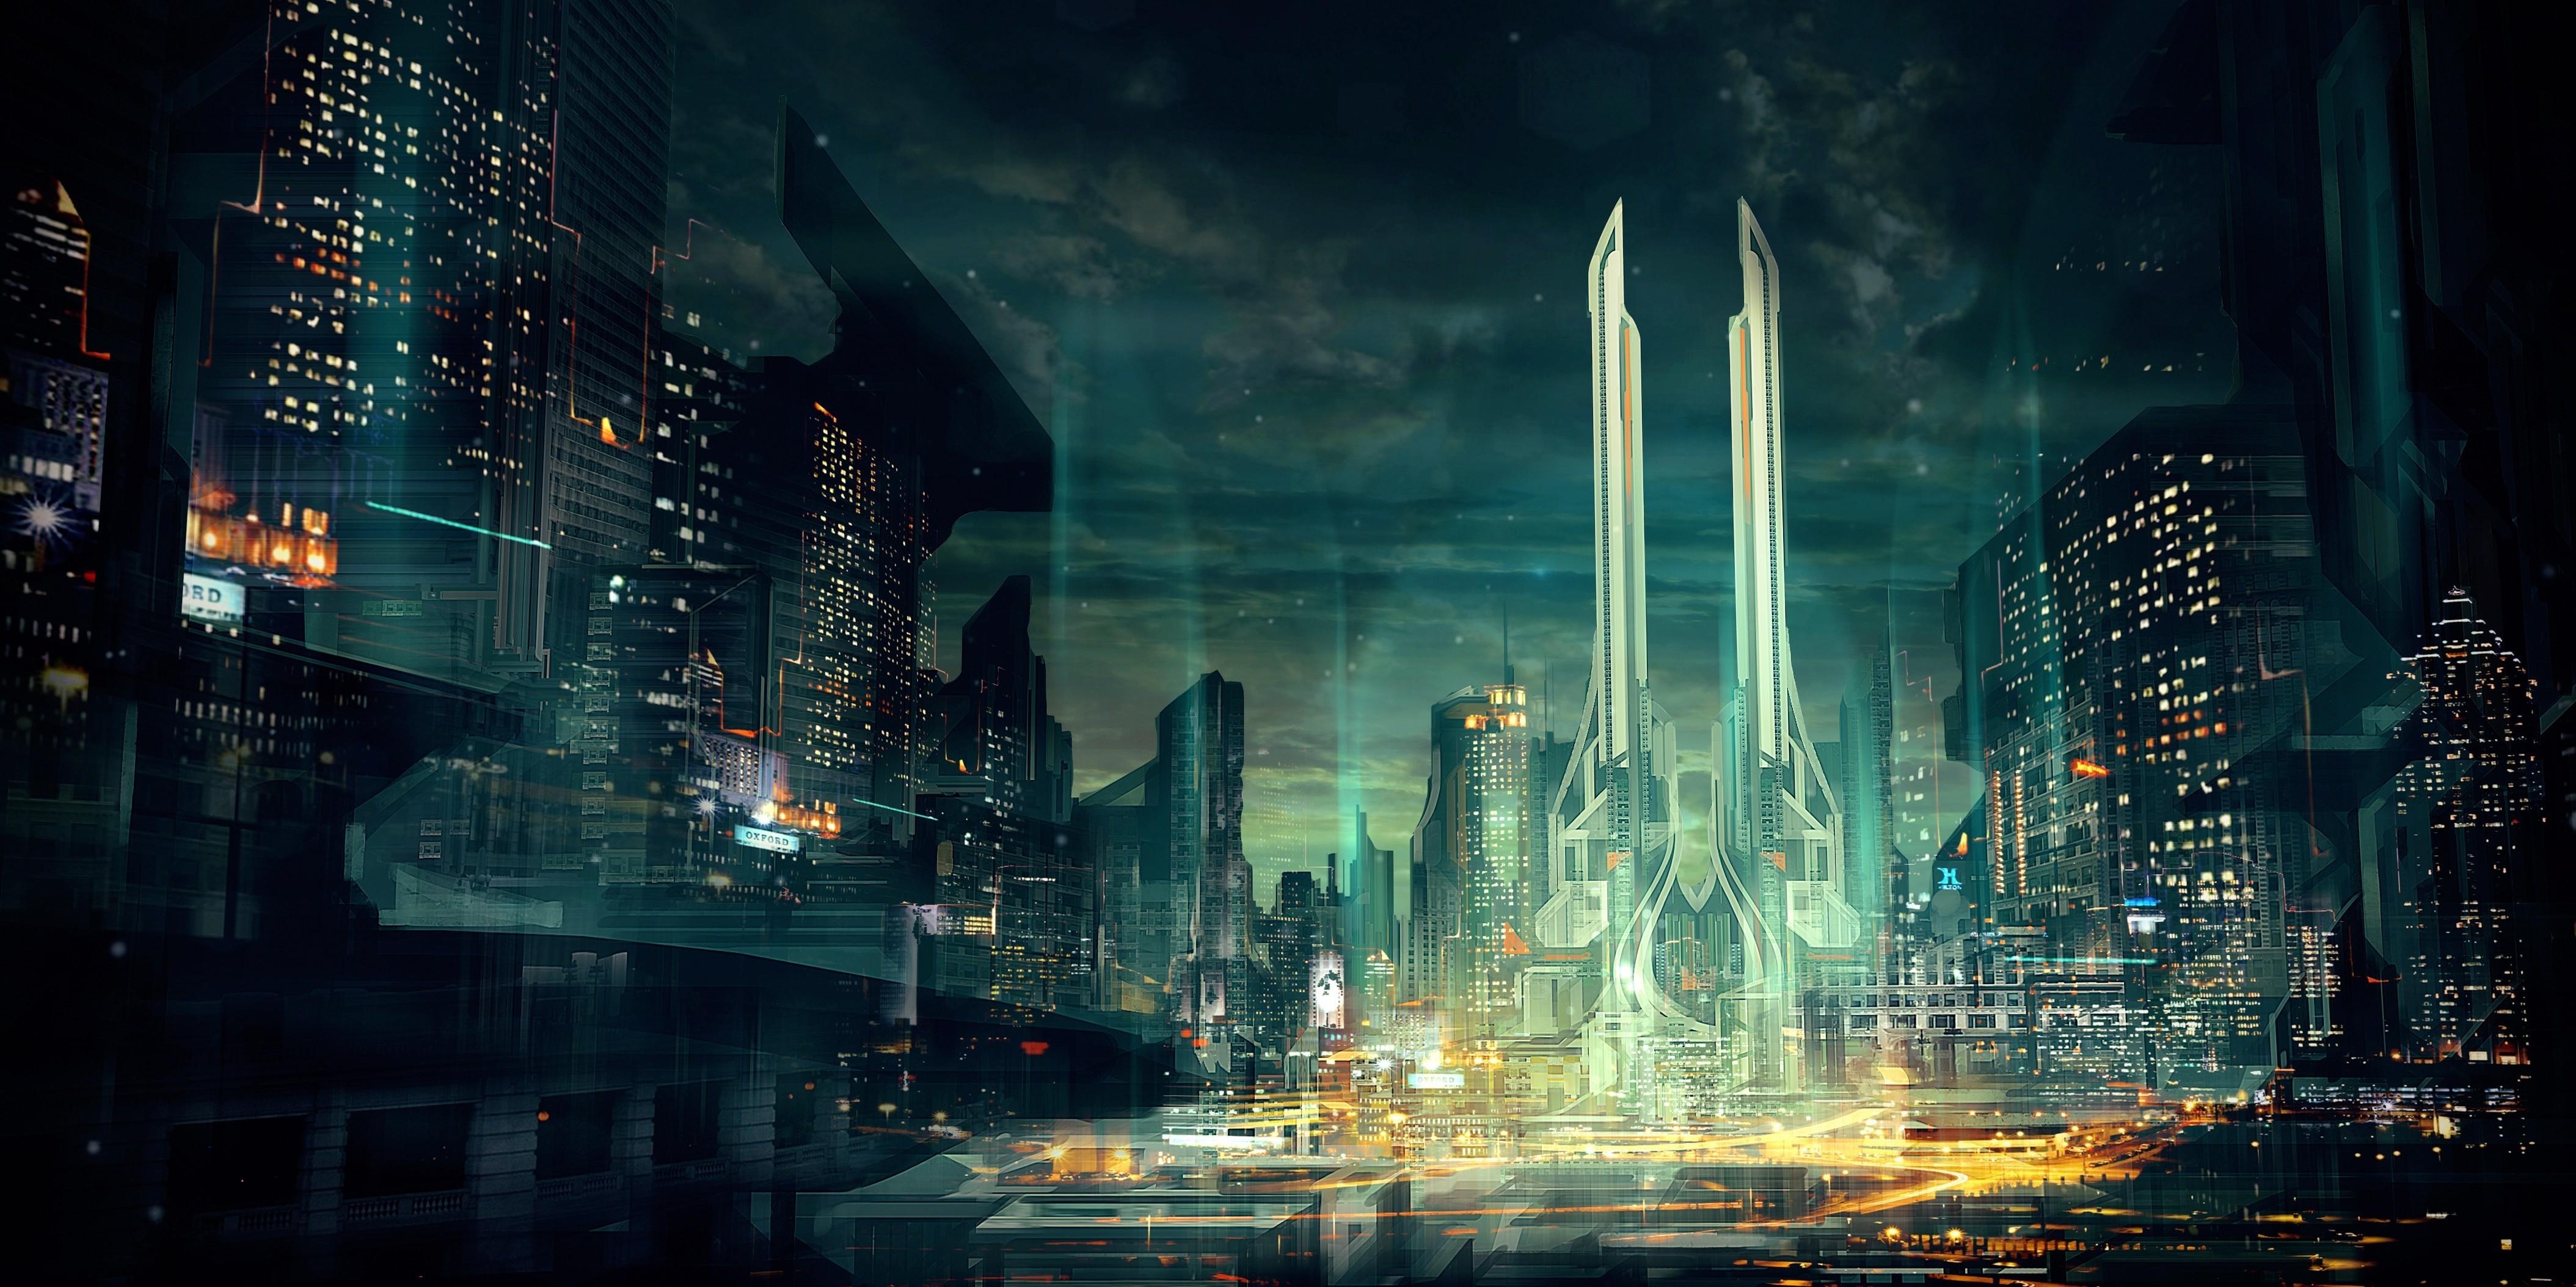 wallpaper : city, cityscape, night, reflection, futuristic, artwork